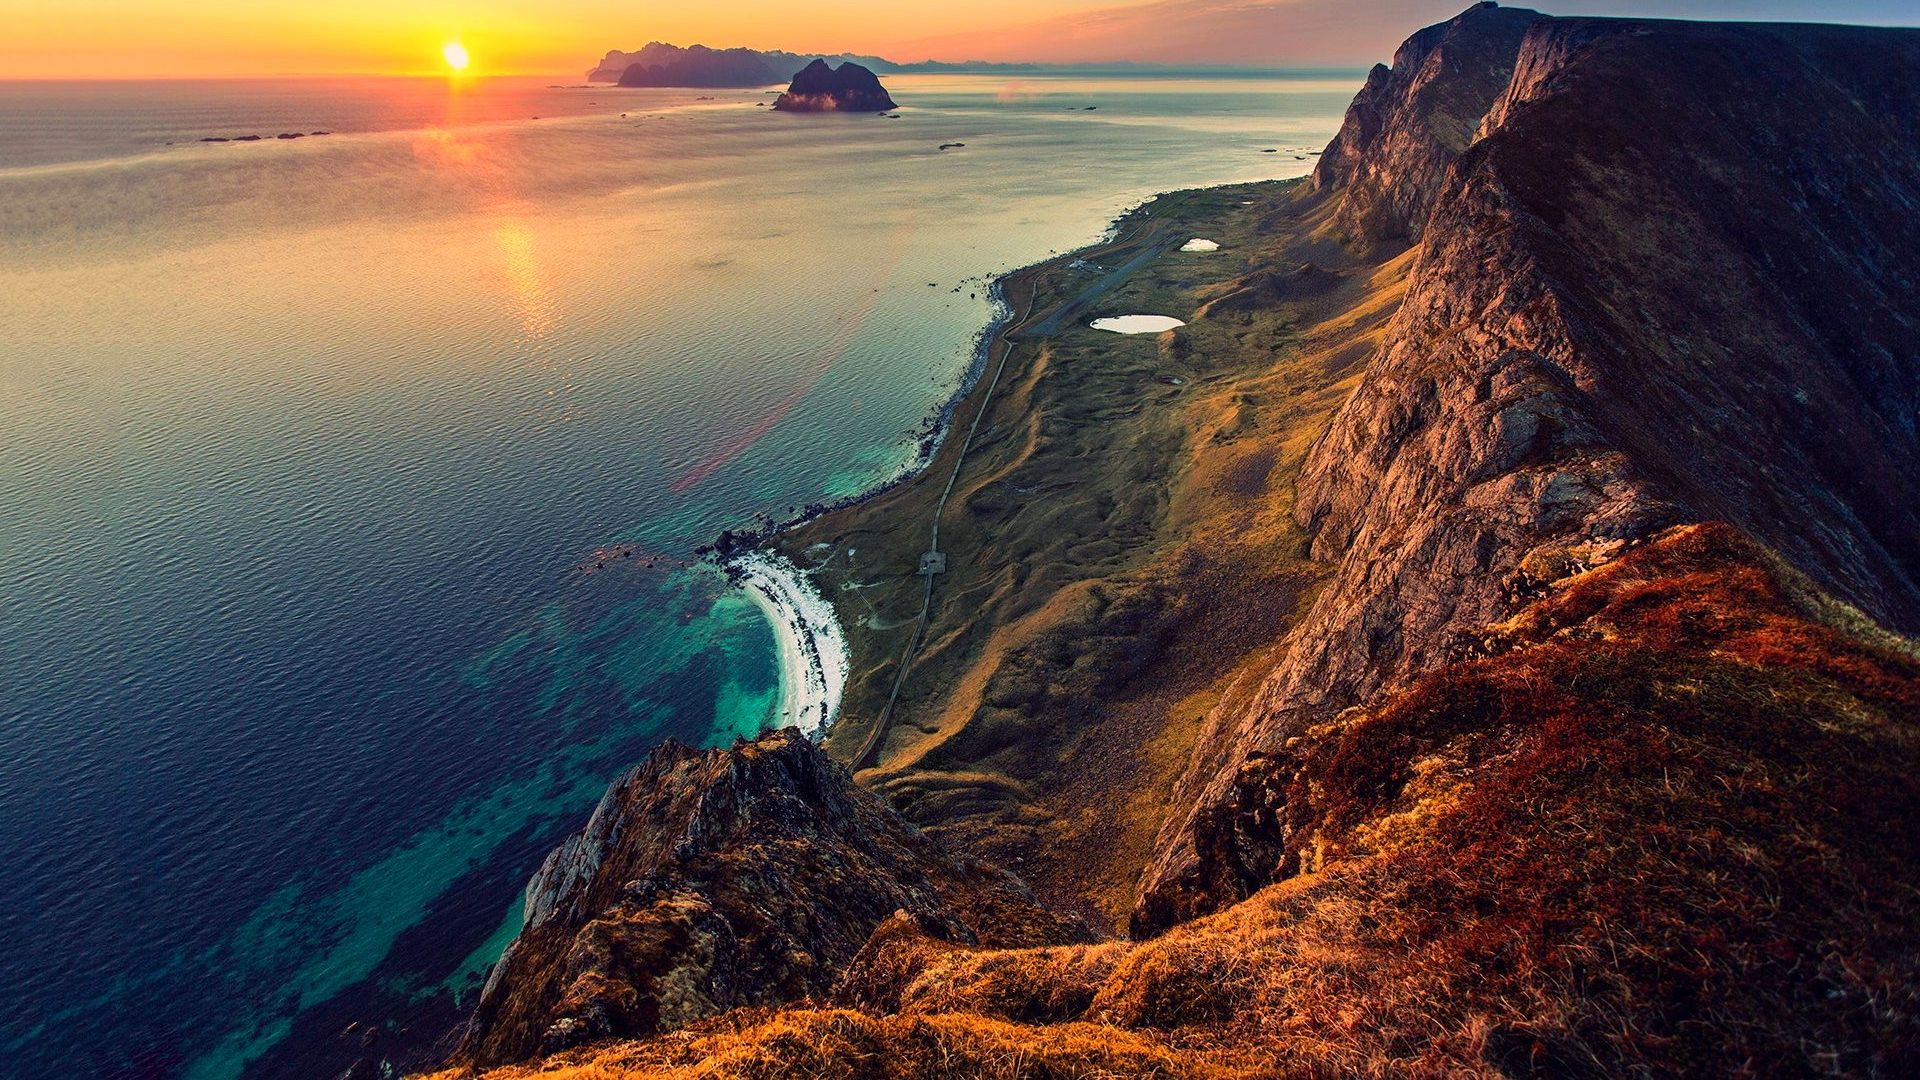 Coucher de soleil vu de montagne 10 000 fonds d 39 cran hd gratuits et de qualit wallpapers hd - Photo coucher de soleil montagne ...